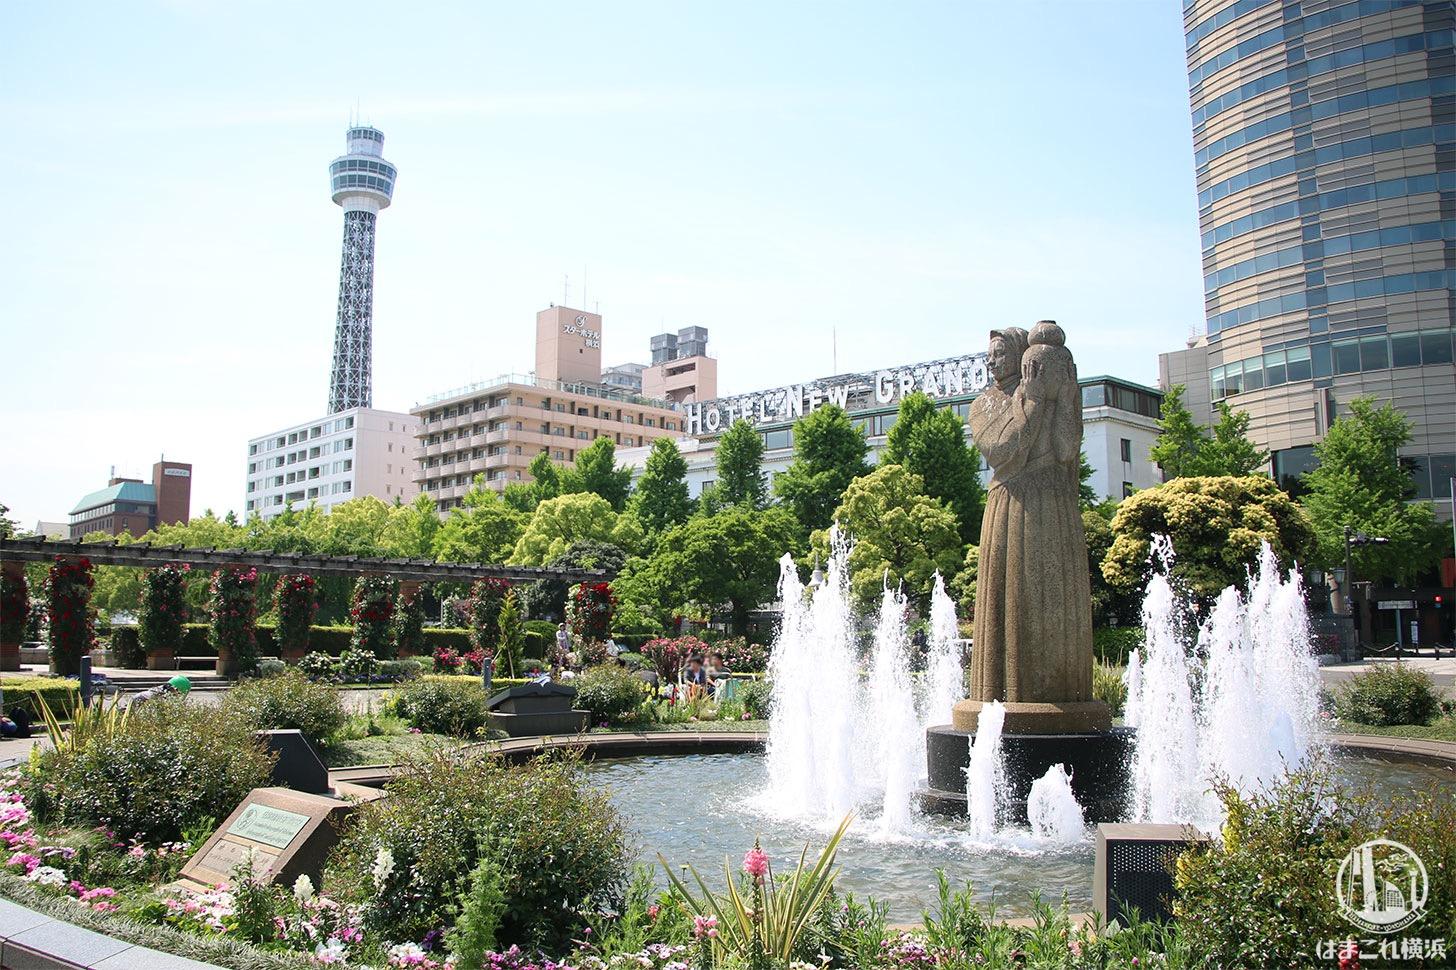 山下公園 噴水と横浜マリンタワー